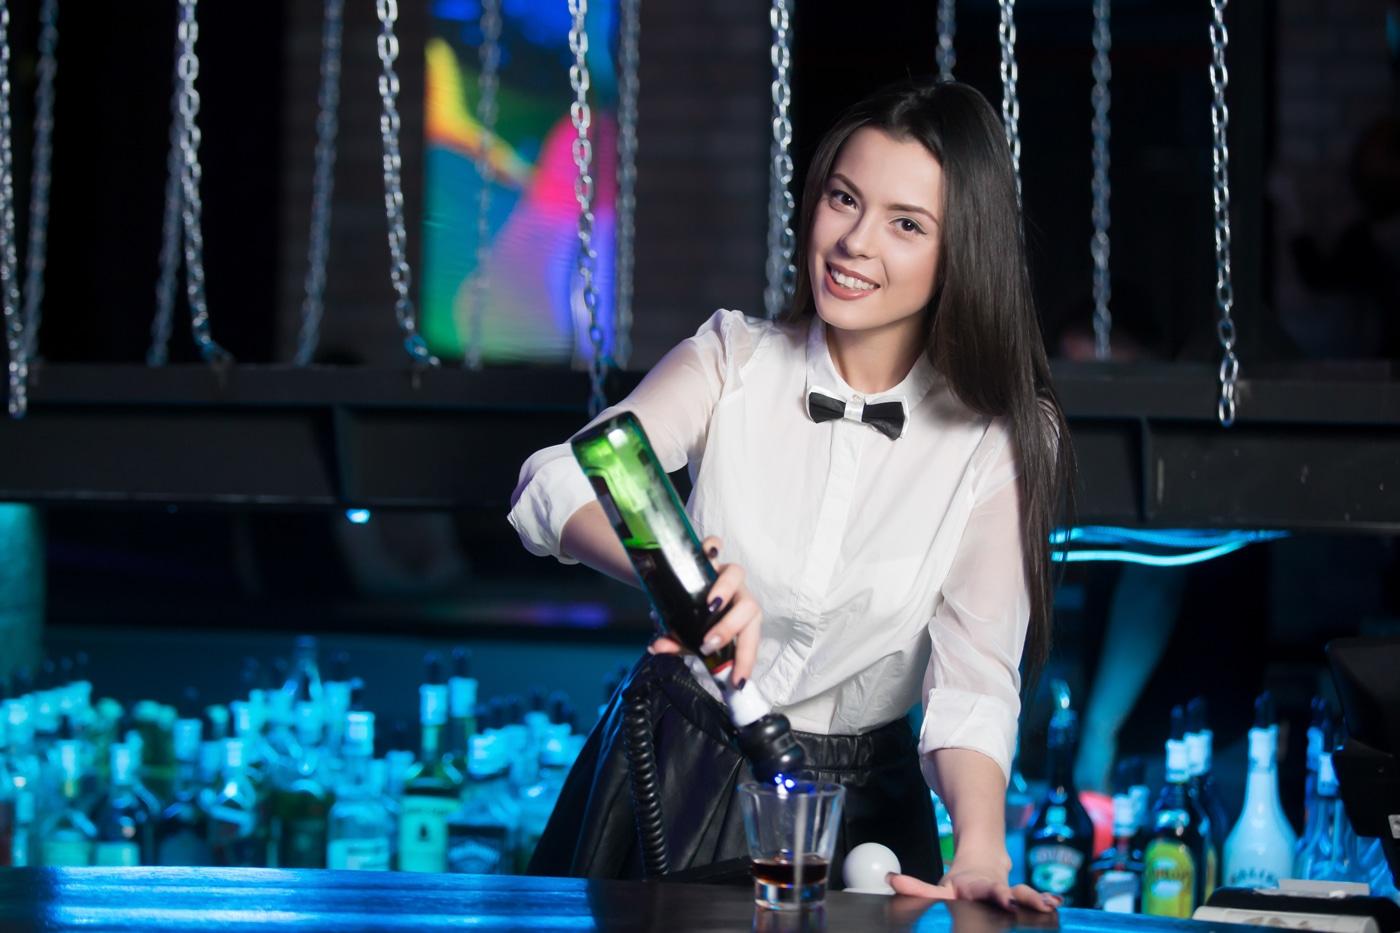 работа барменом для девушек отзывы